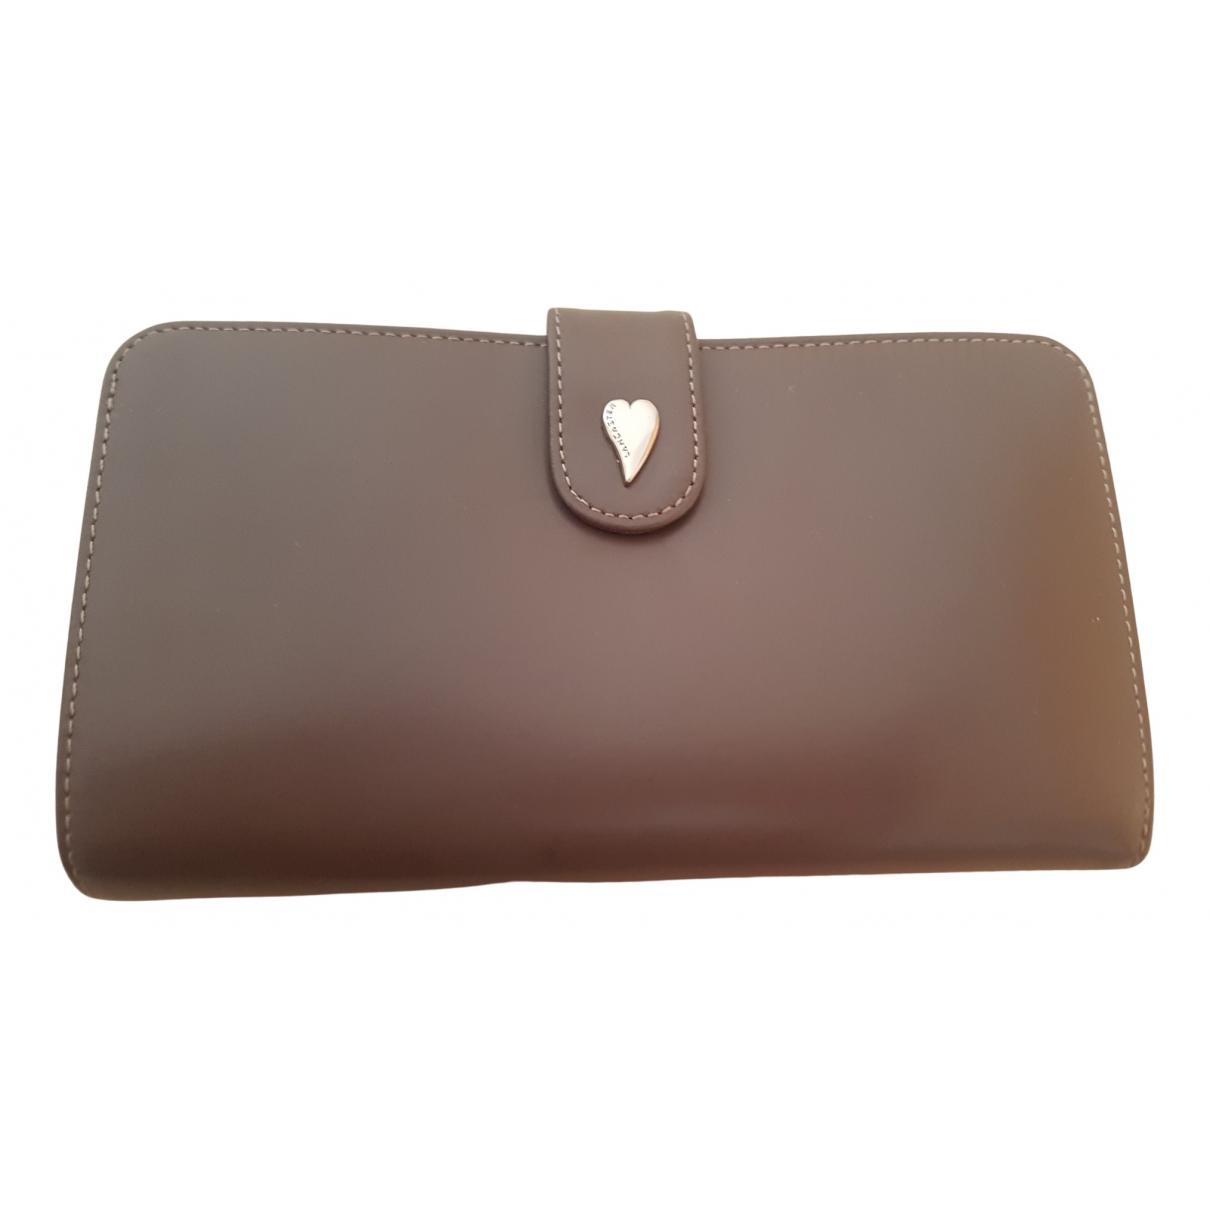 Lancaster - Portefeuille   pour femme en cuir - marron